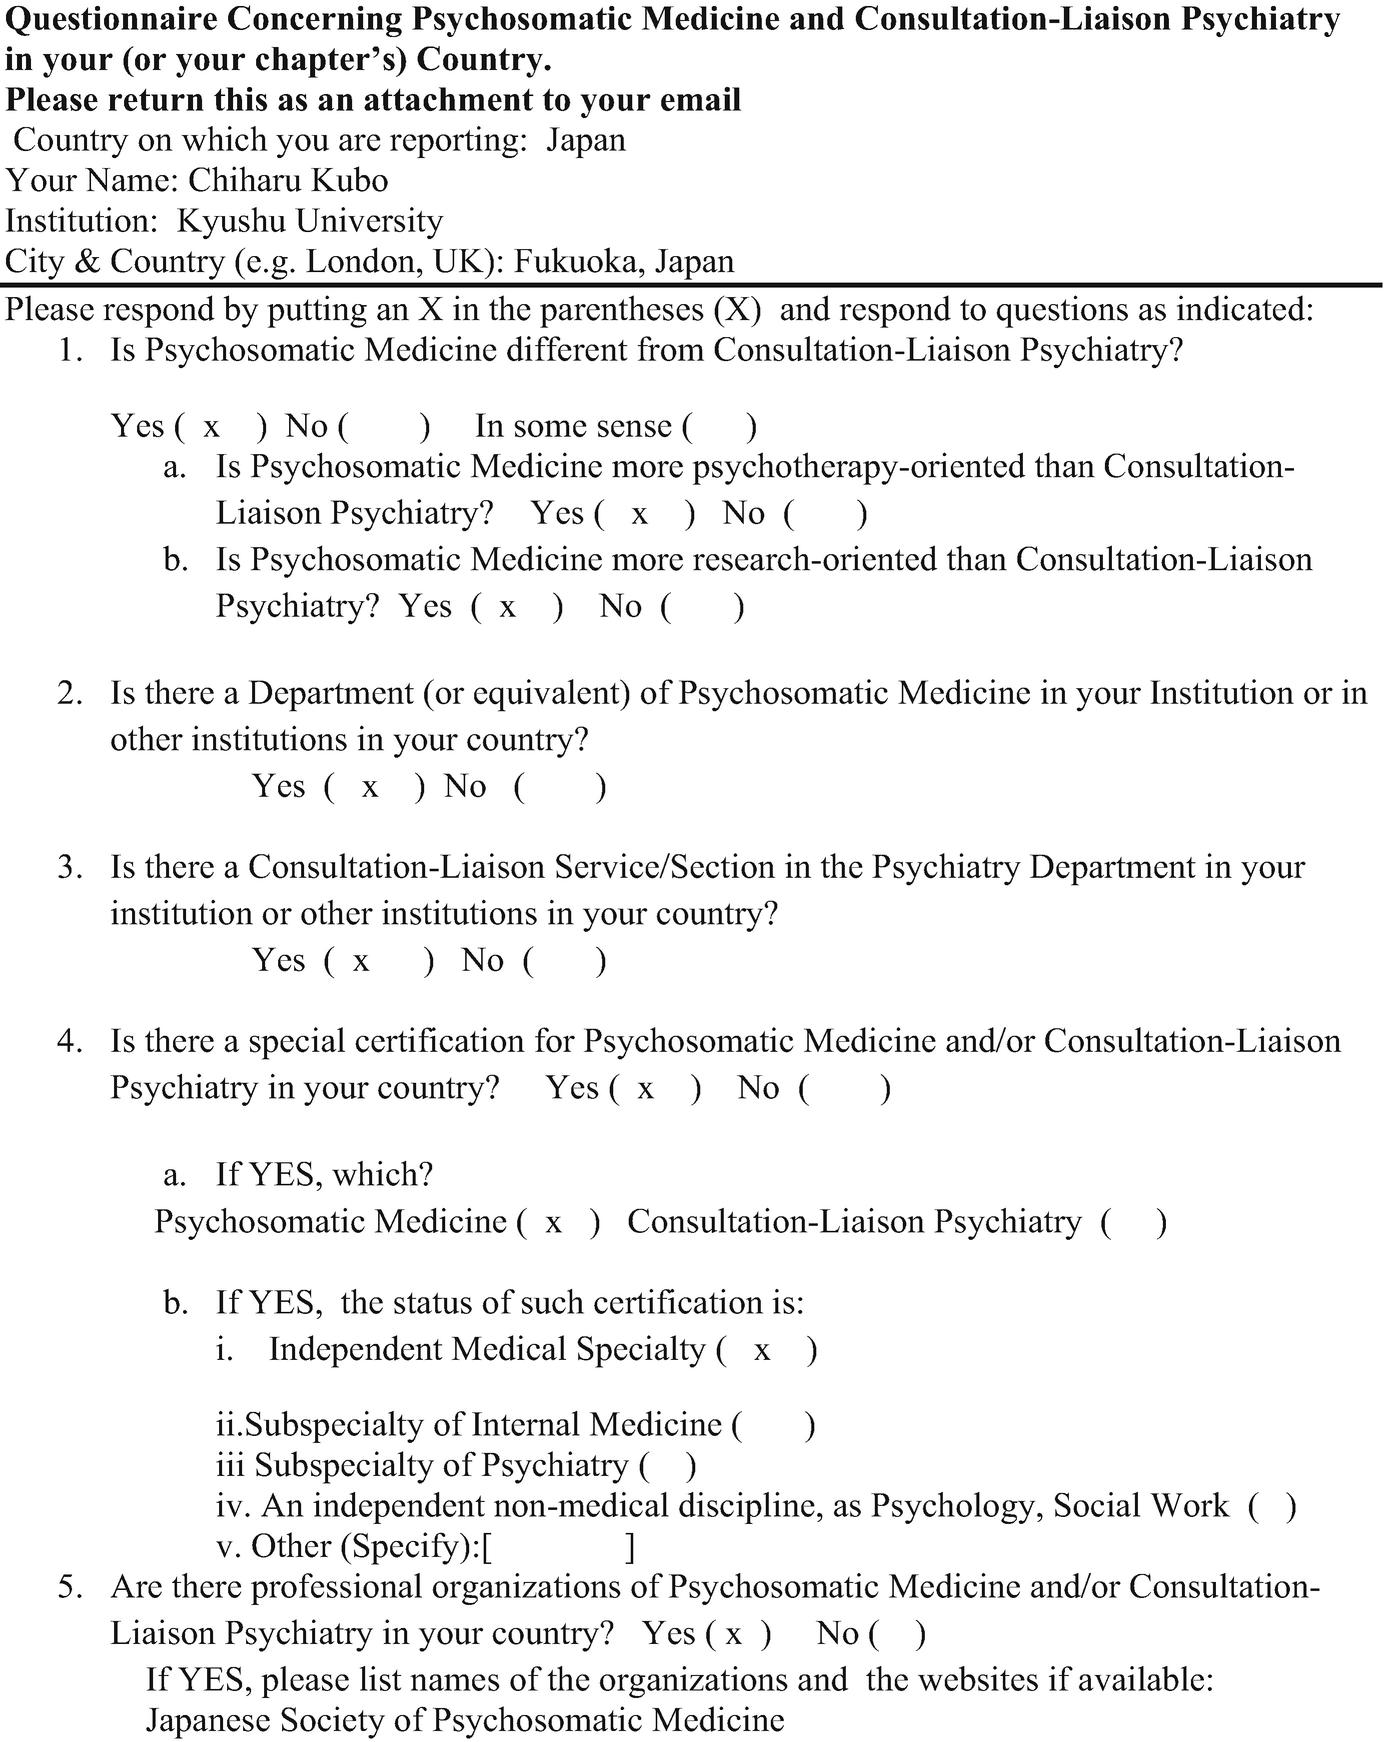 Psychosomatic Medicine in Japan | SpringerLink